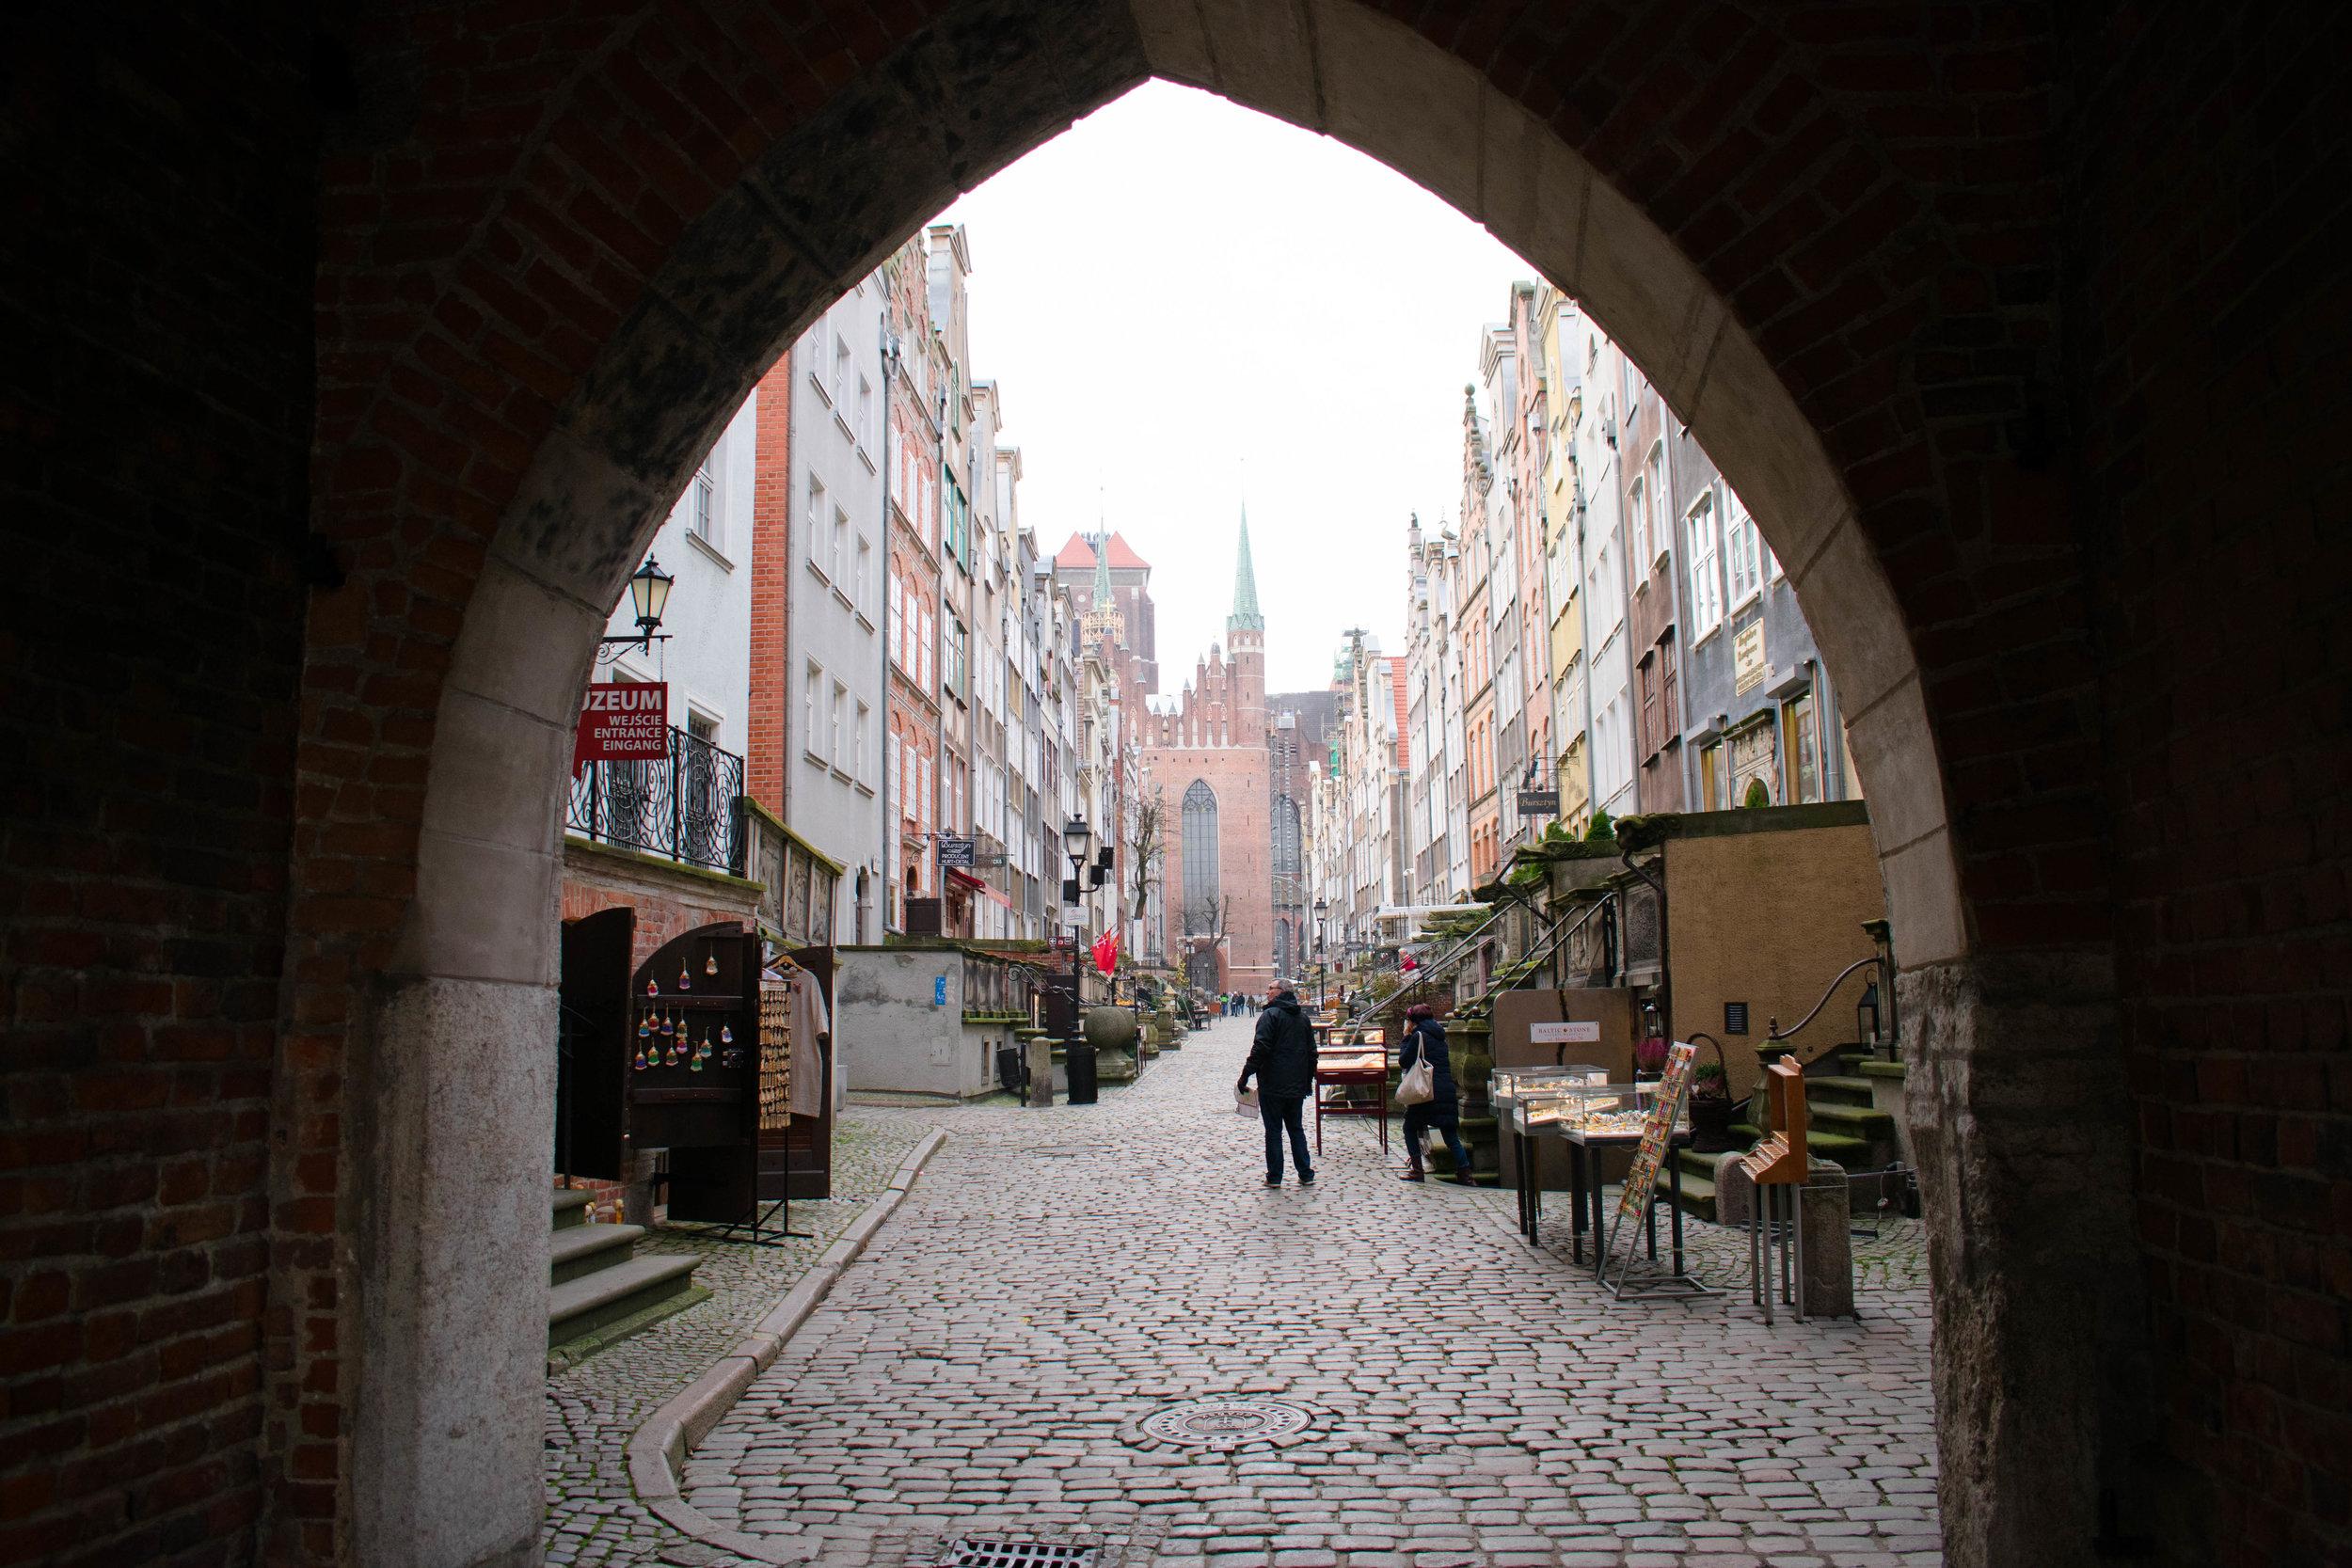 Mariacka (St. Mary's) Gate